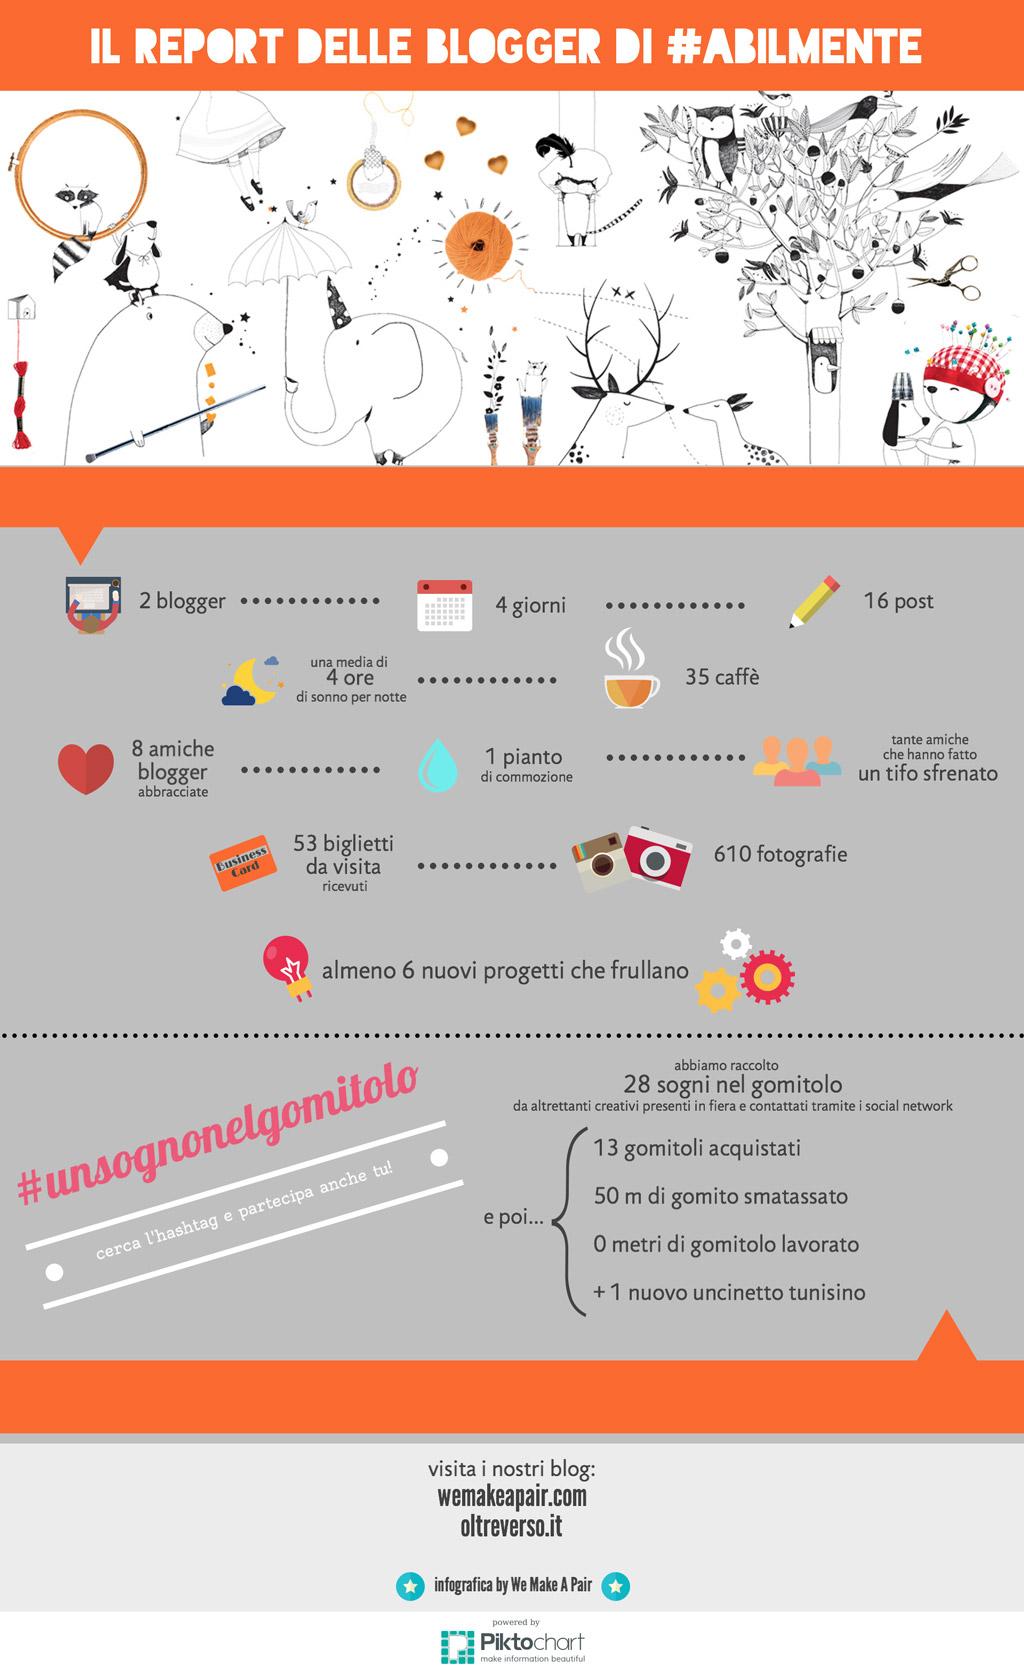 Abillmente_blogger-infographic_web